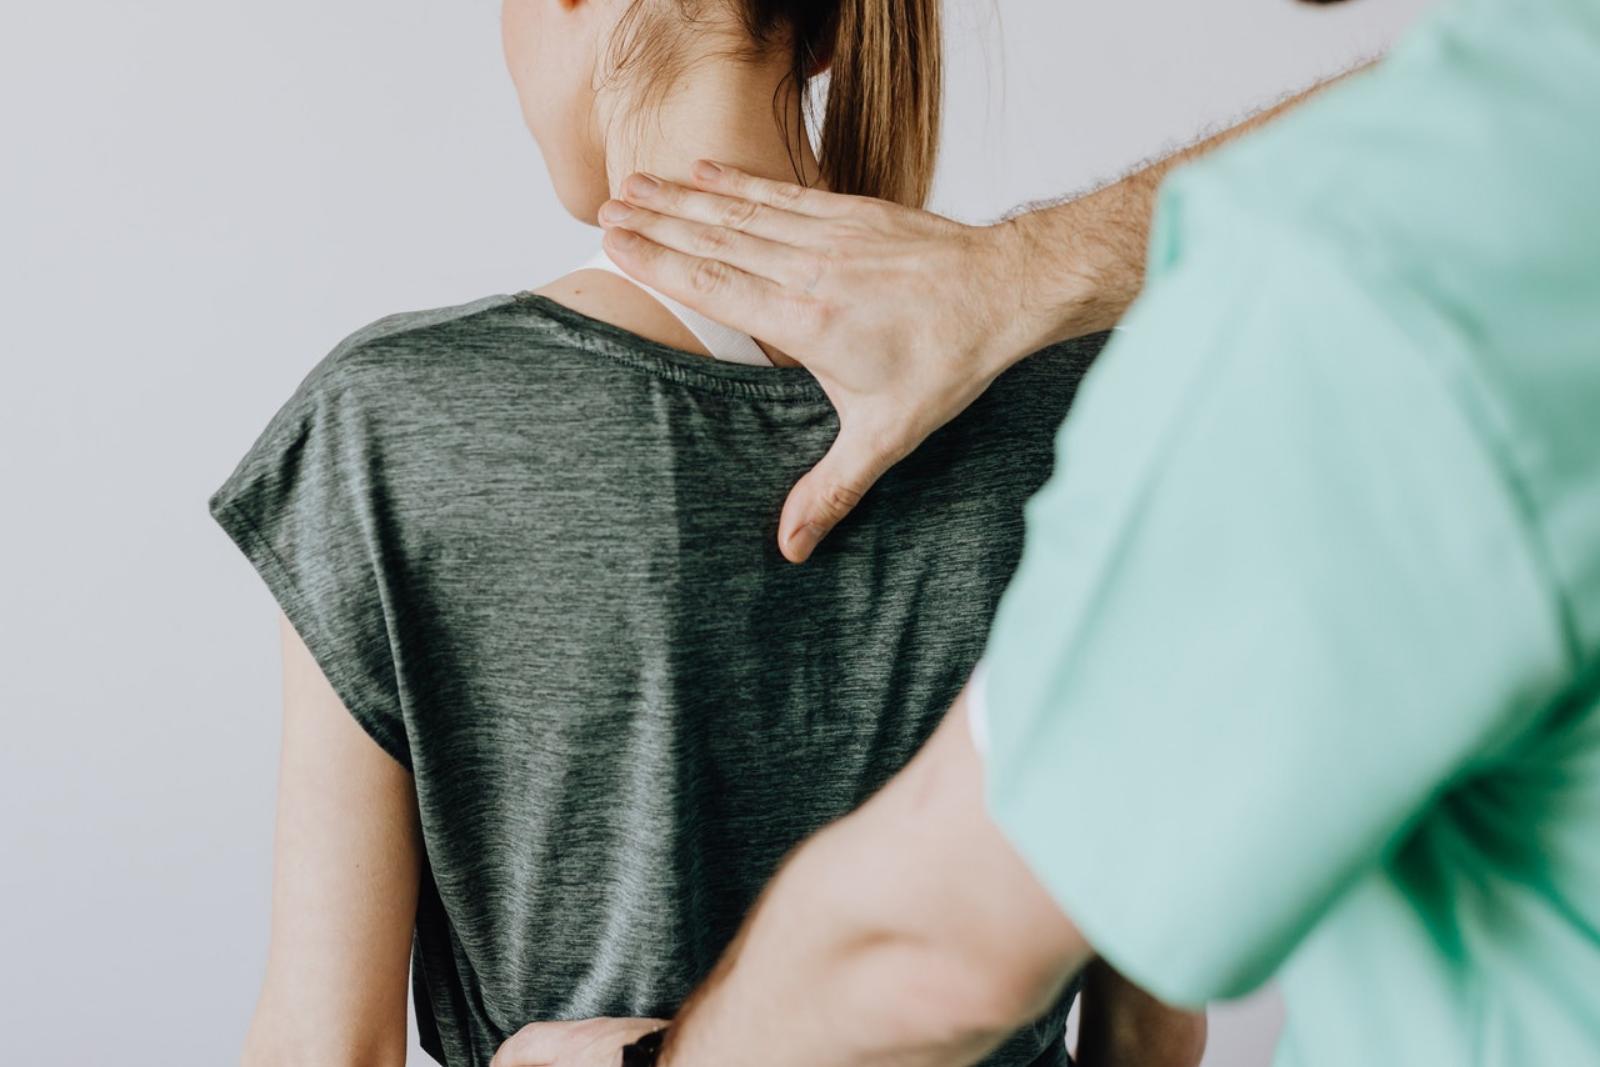 La escoliosis y cómo puede mejorar con el cuidado quiropráctico